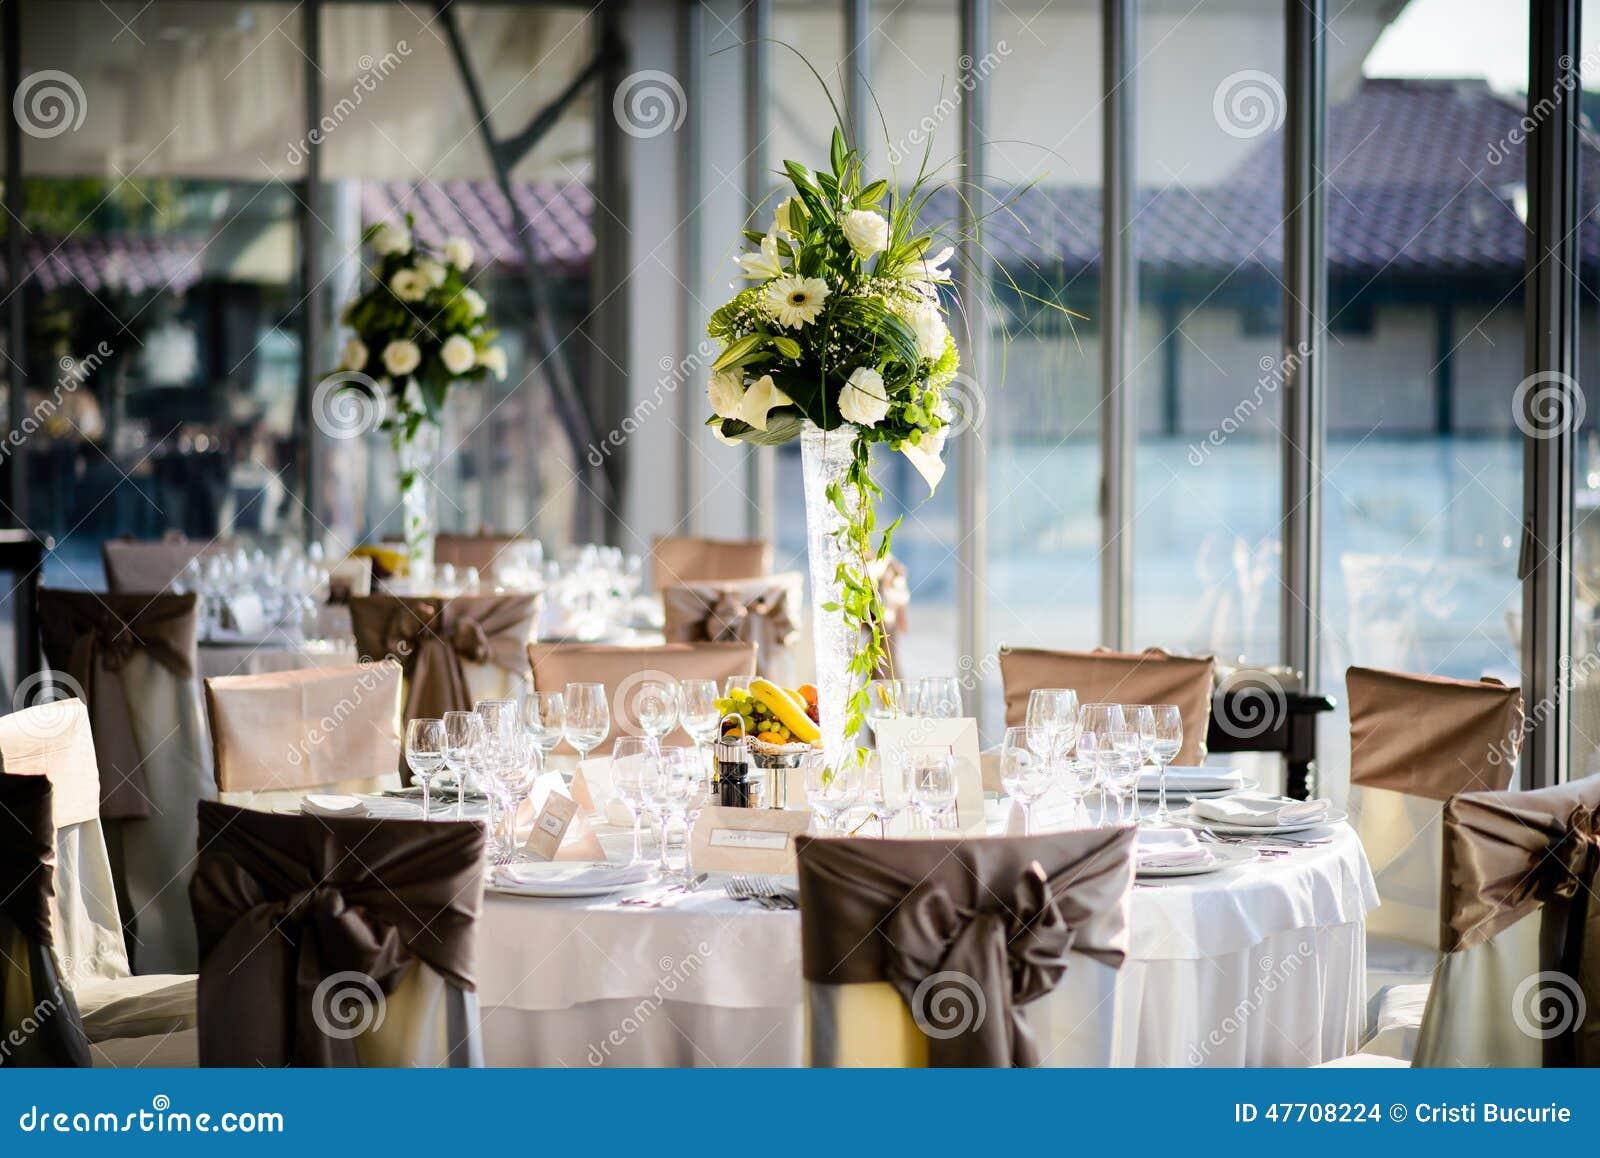 Platzieren Sie BouquetBride der Braut und pflegen Sie Tabelle mit Blumenstrauß der Braut am Hochzeitsempfang